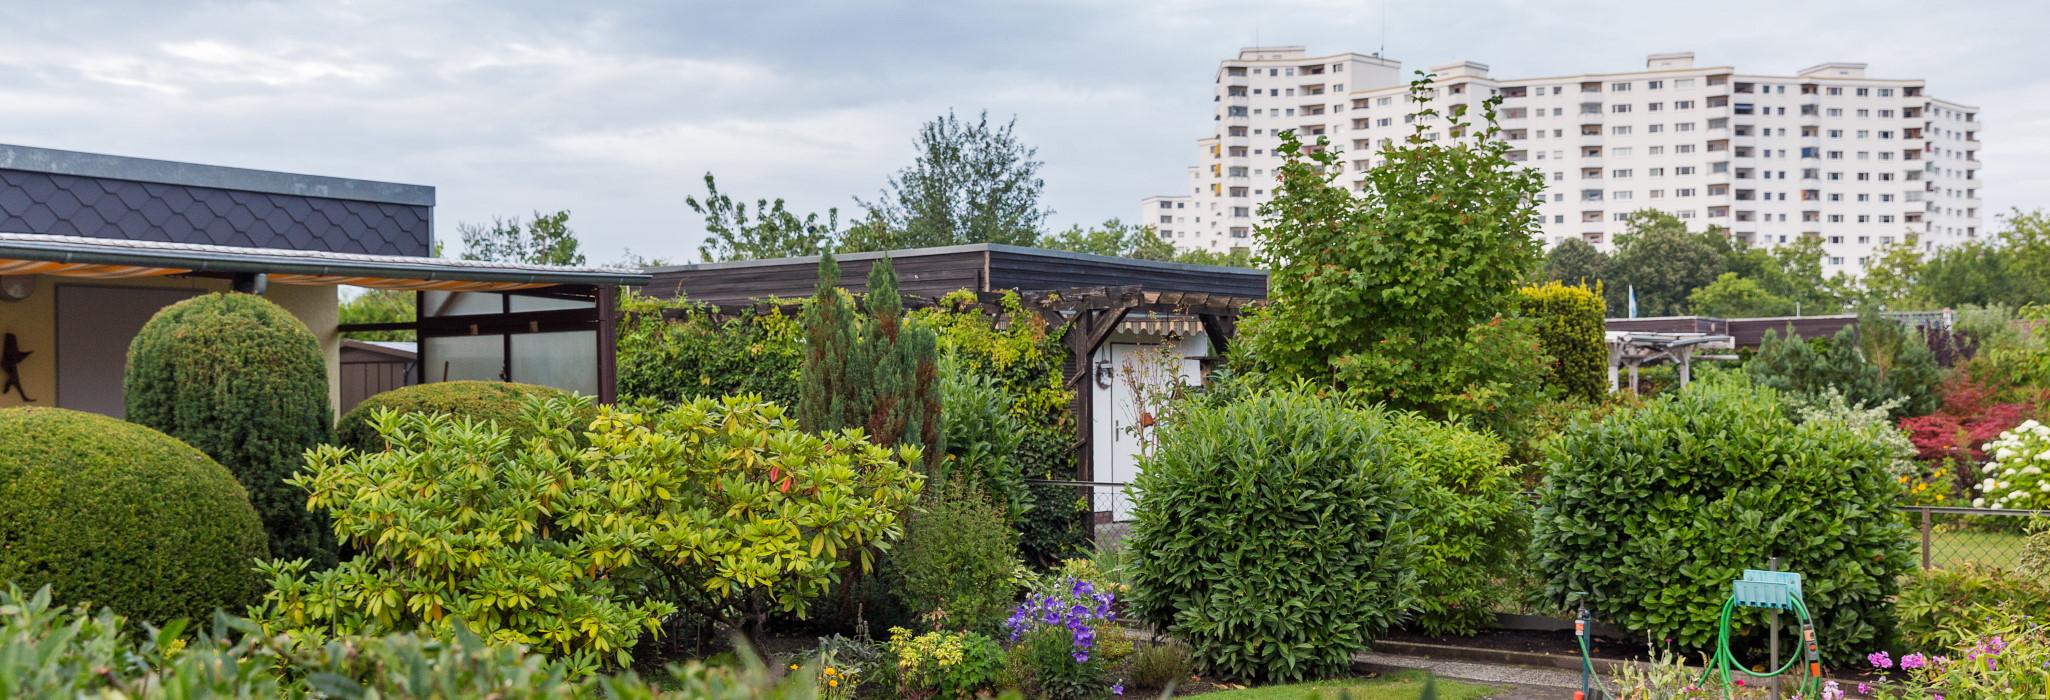 Kleingartenversicherung - Im eignen Garten gut versichert